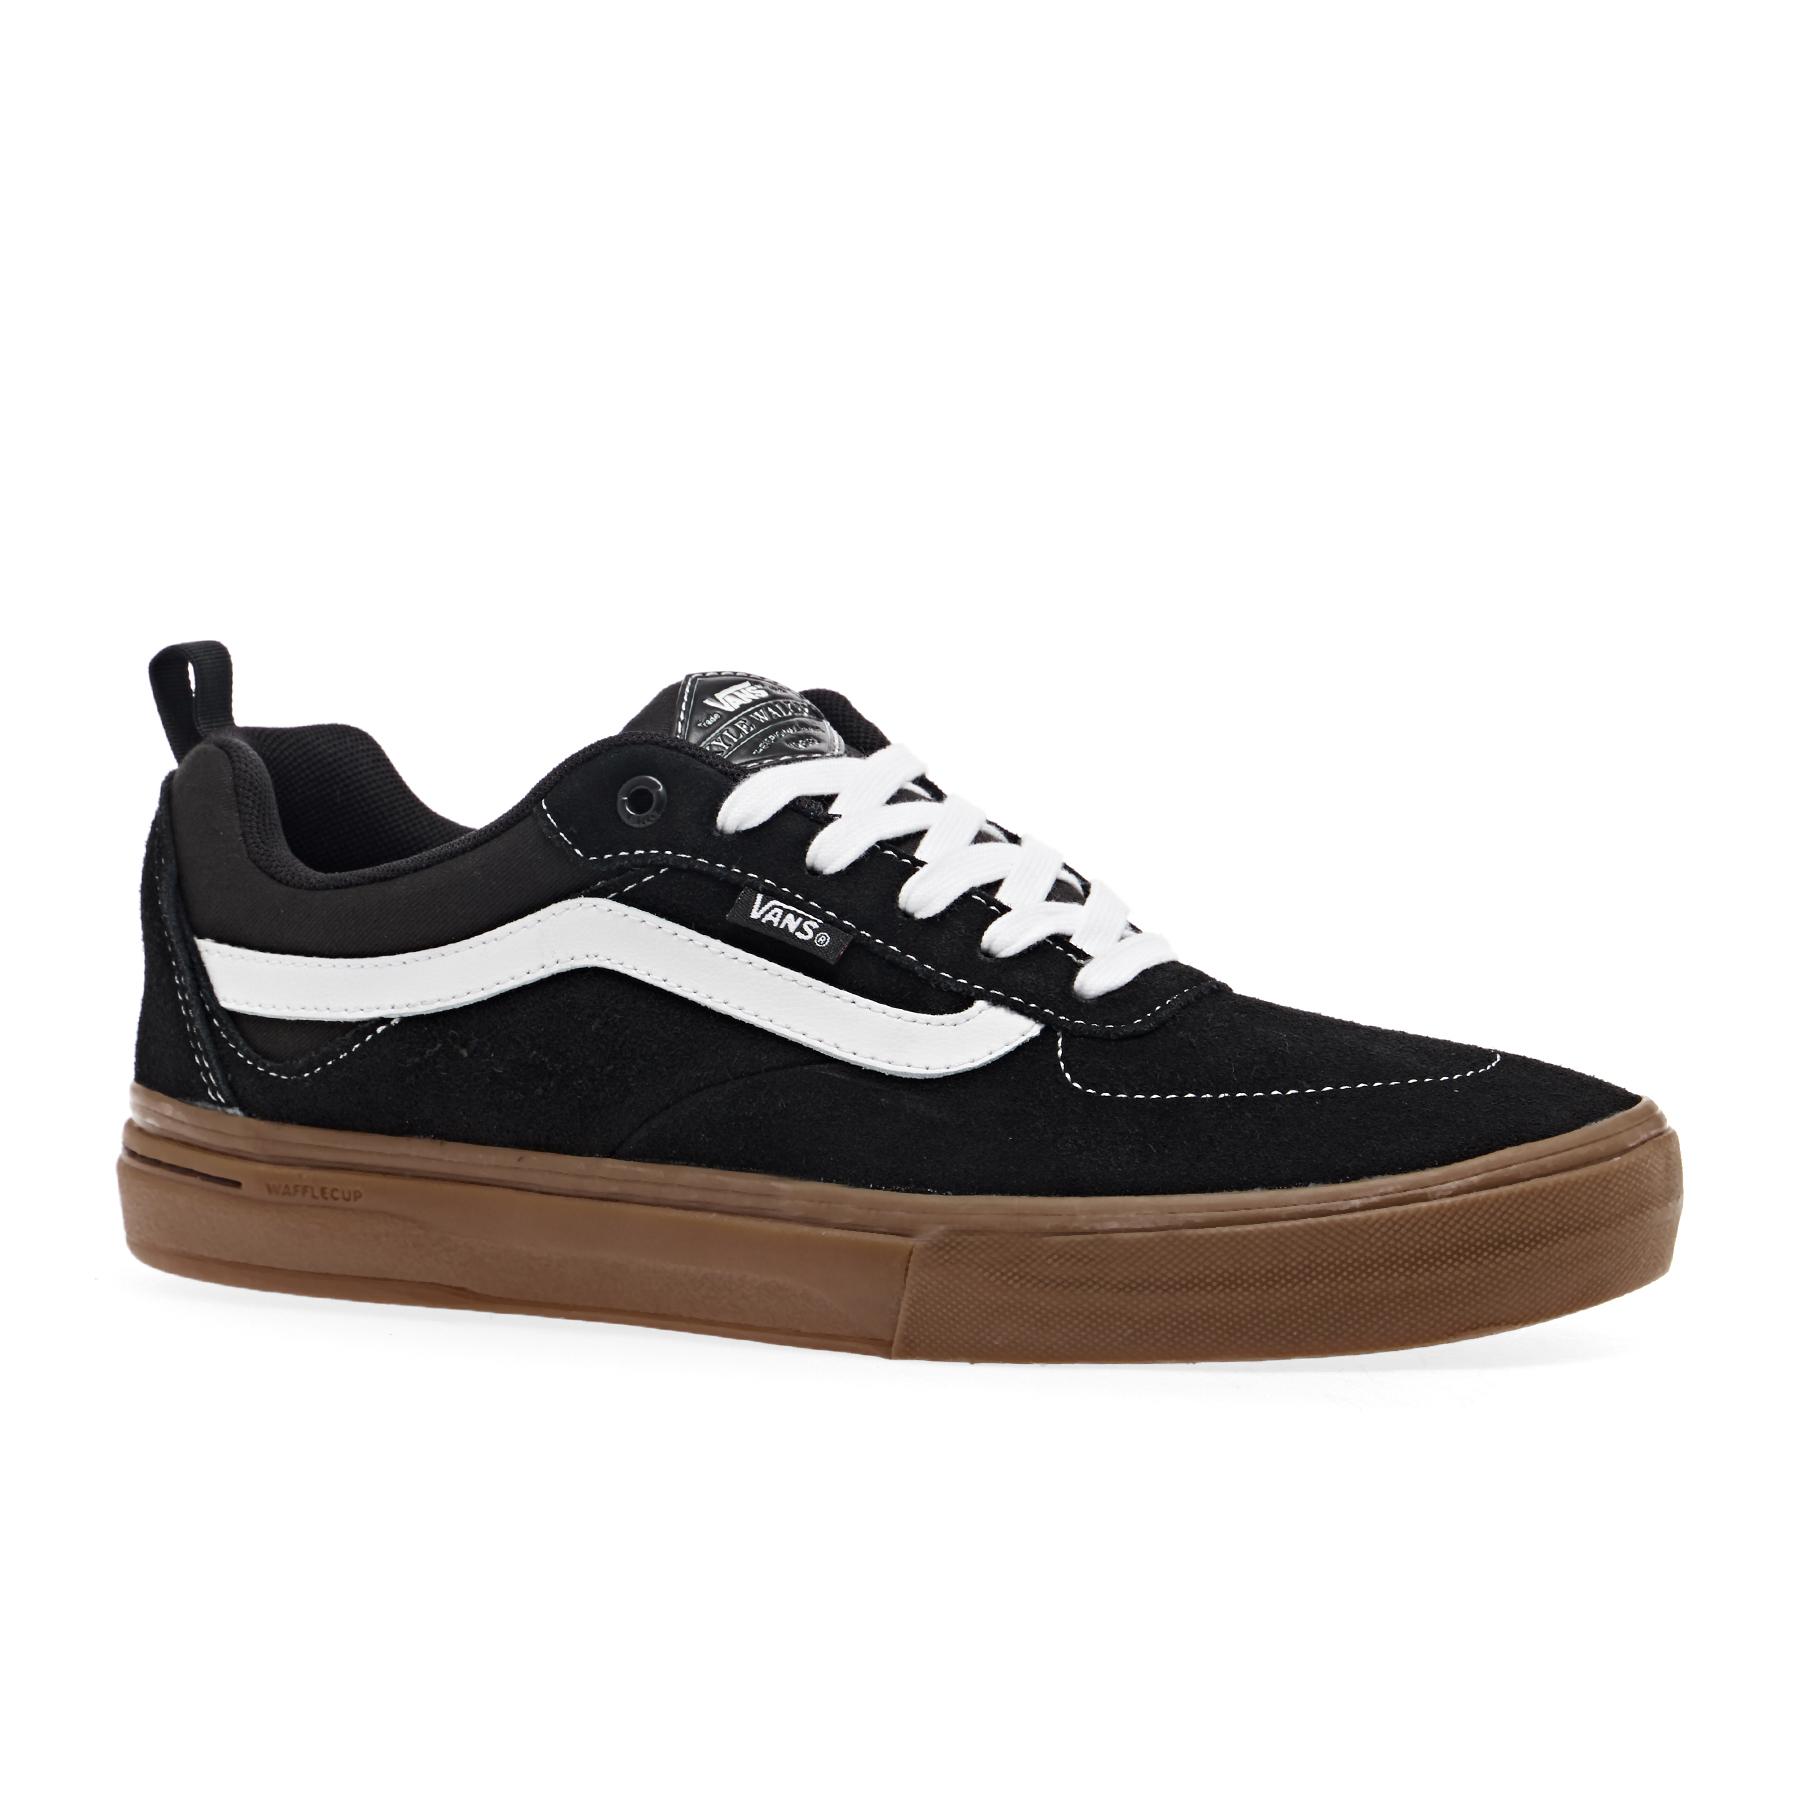 Vans Kyle Walker Pro Schuhe | Kostenlose Lieferung